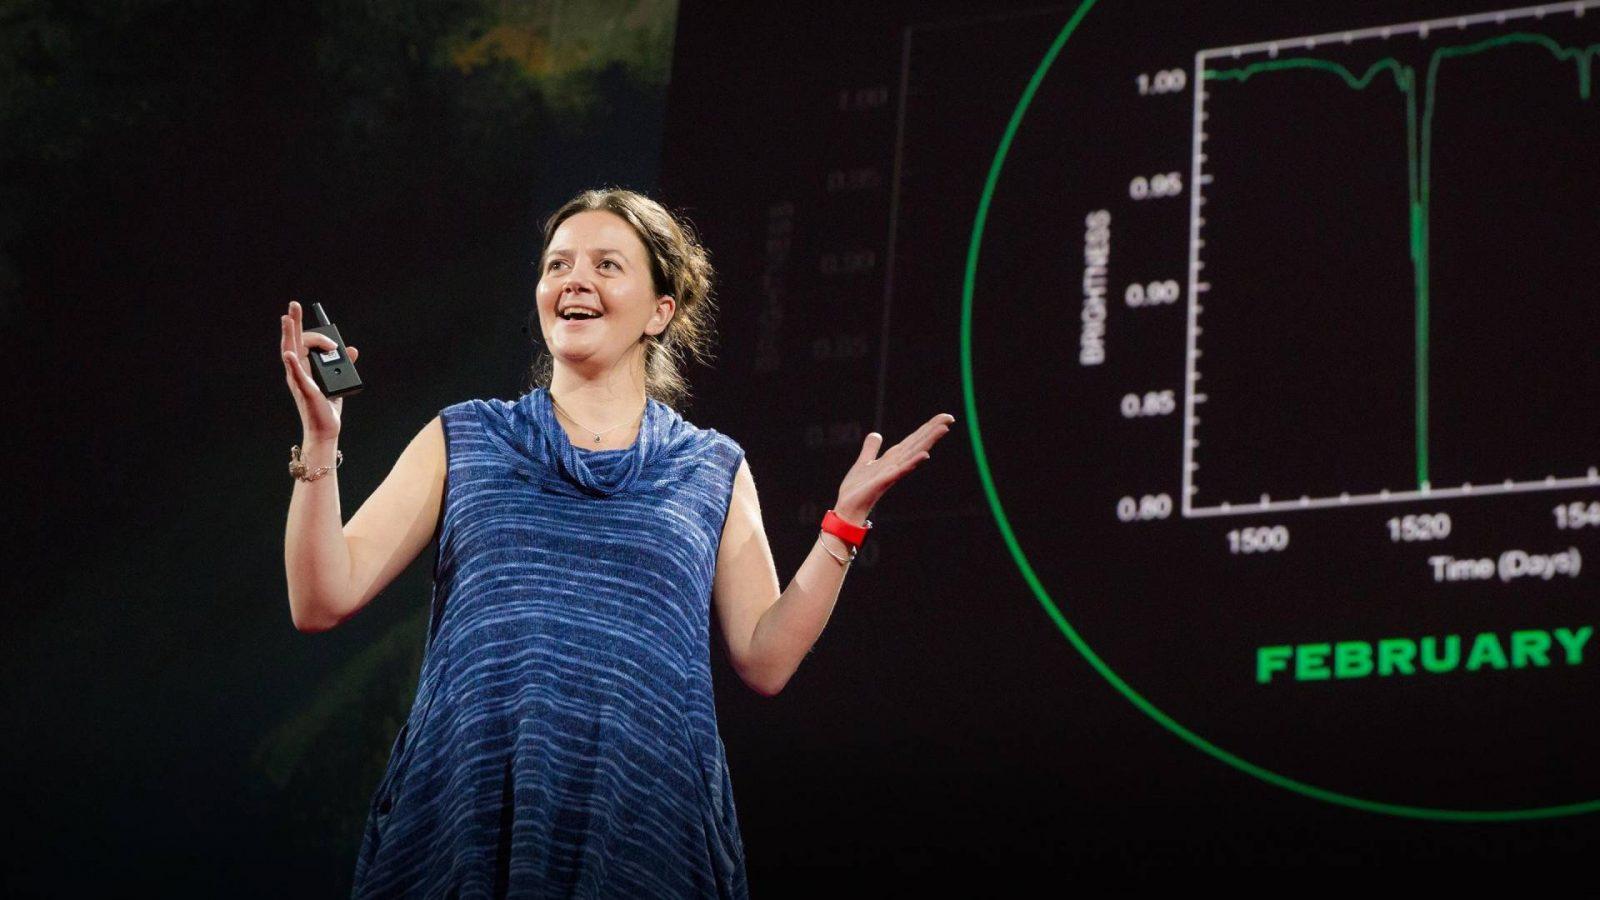 Misterele universului: megastructura in spatiu, sau o noua planeta?